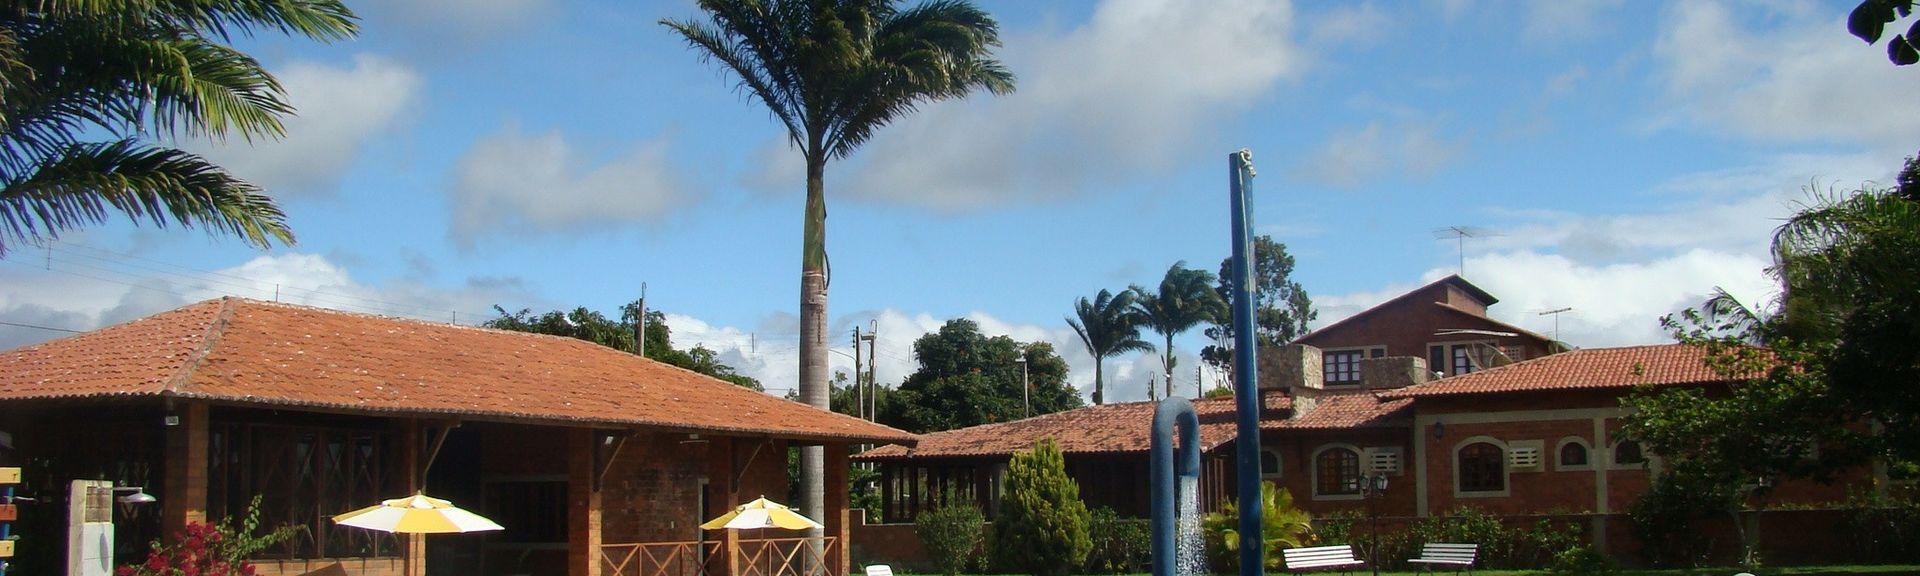 Gravata, Northeast Region, Brazil